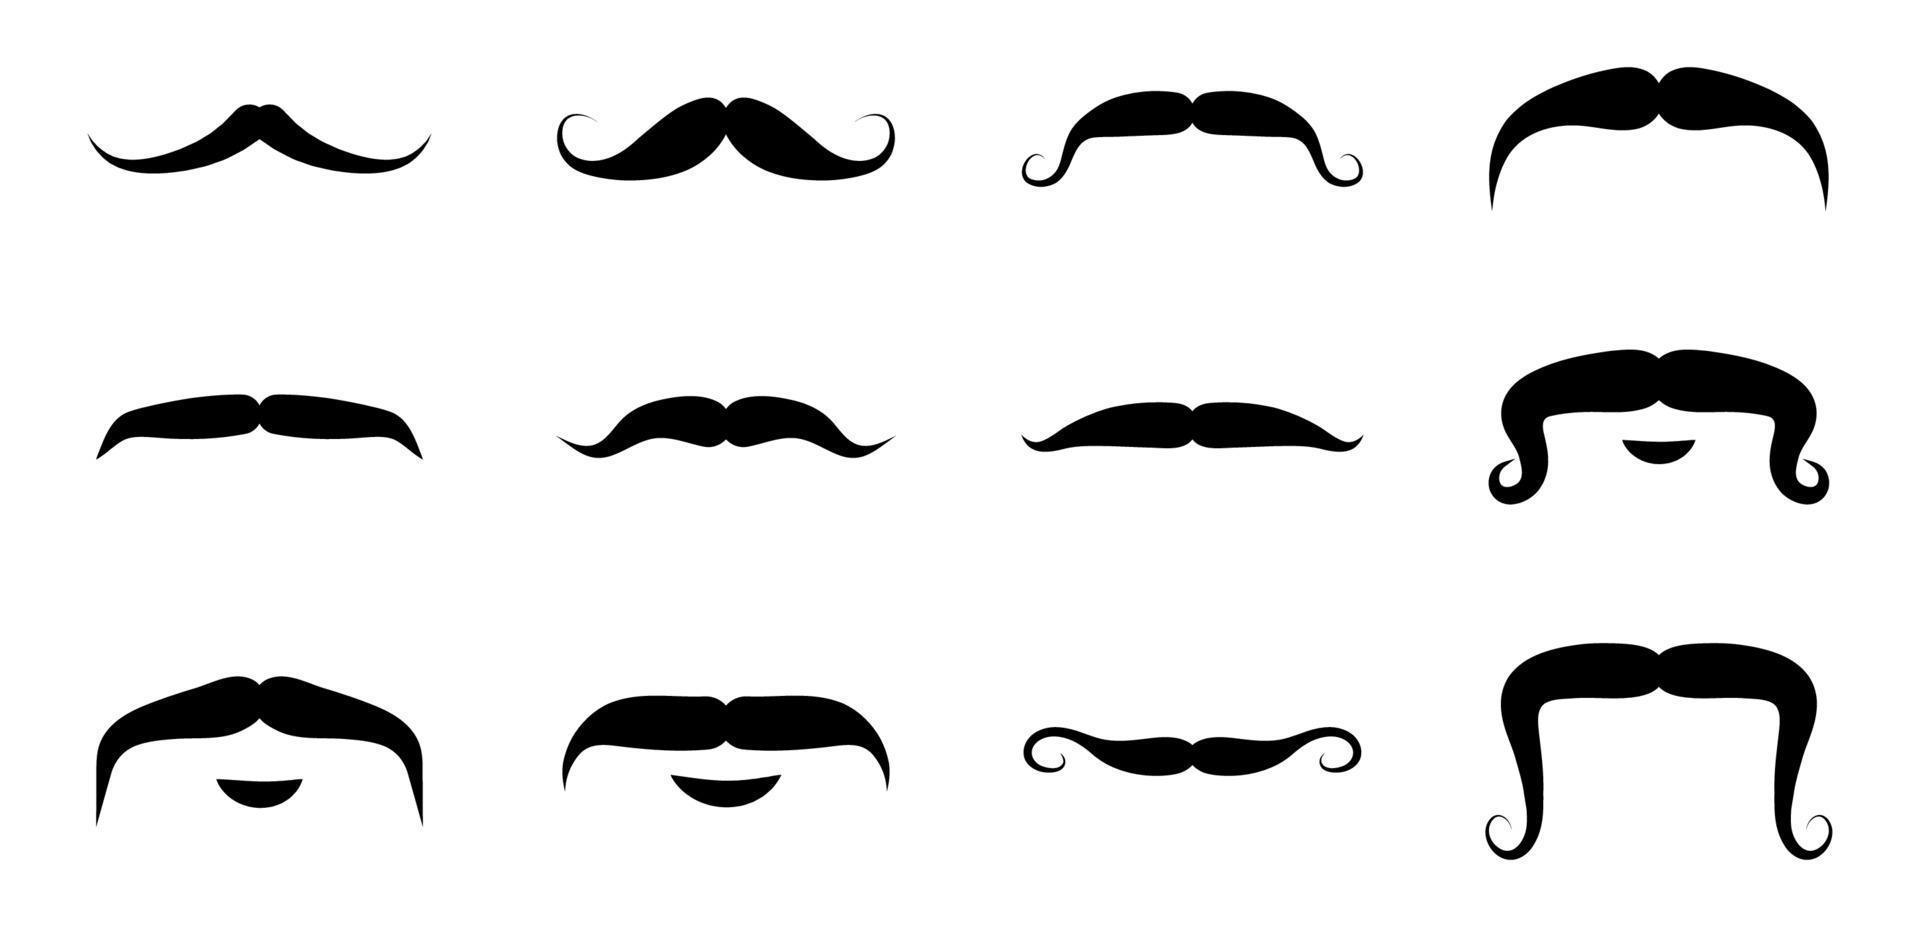 conjunto de ícones de bigode - ilustração vetorial. vetor